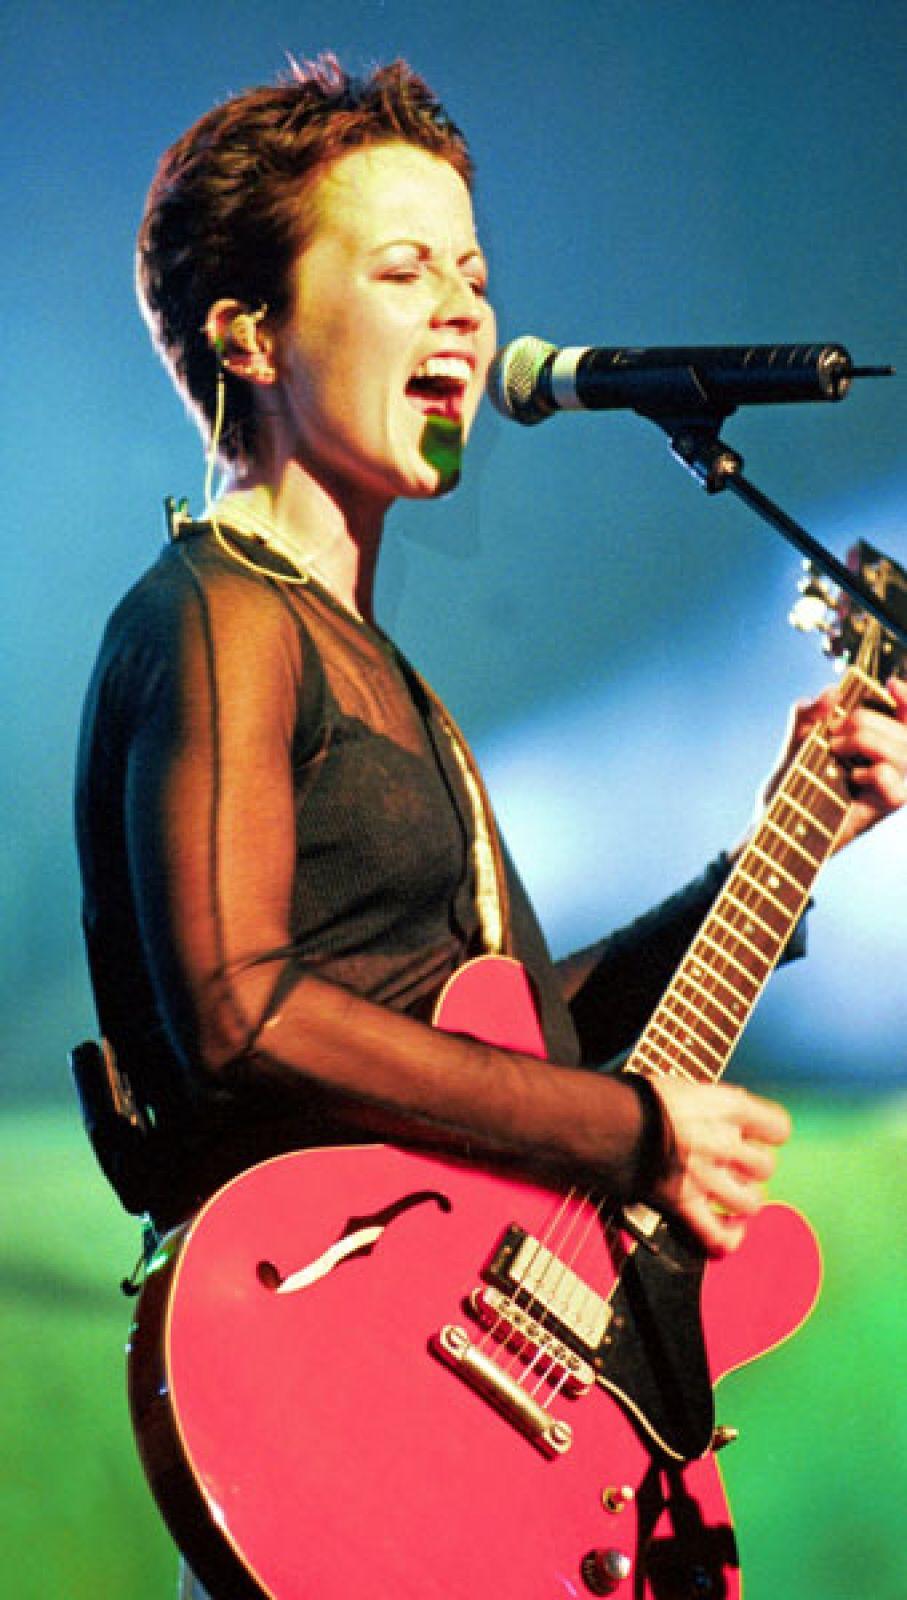 Концерт The Cranberries вгороде Нашвилл, штат Теннесси, США. 21 августа 2000 года.